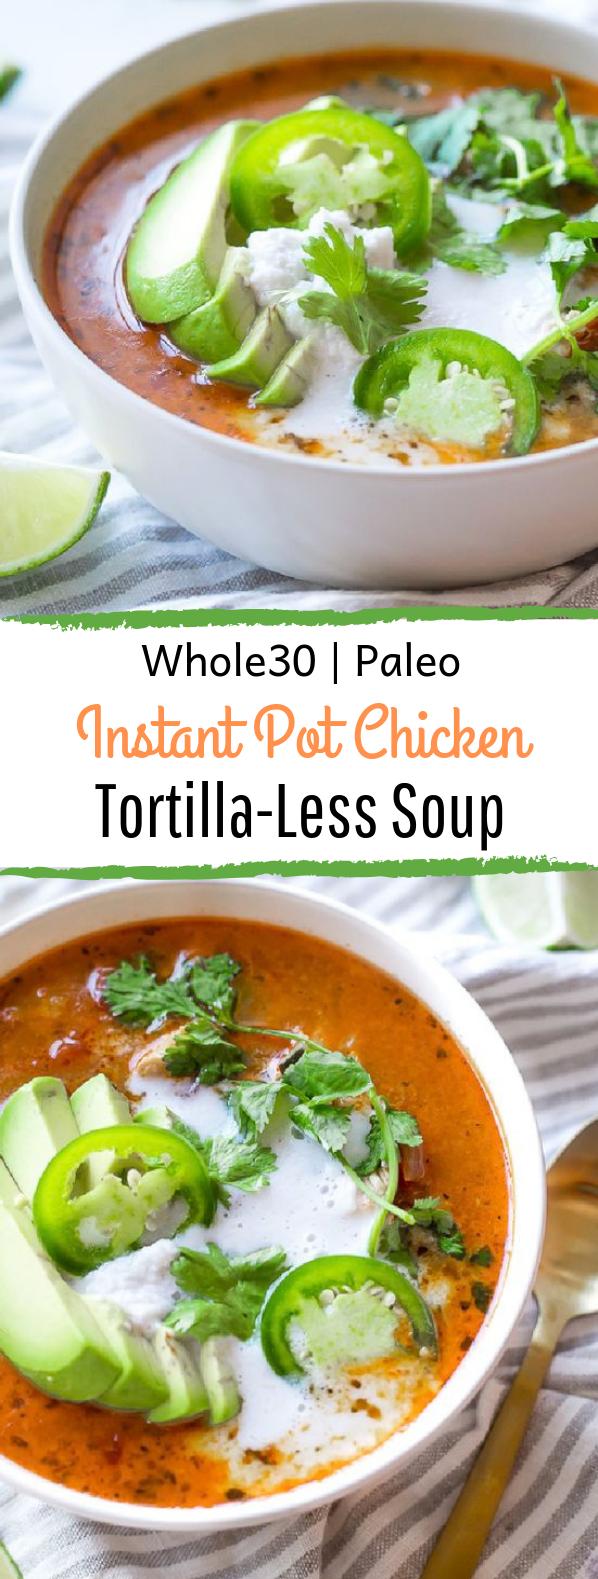 Whole30 Instant Pot Chicken Tortilla-Less Soup #instantpot #soup